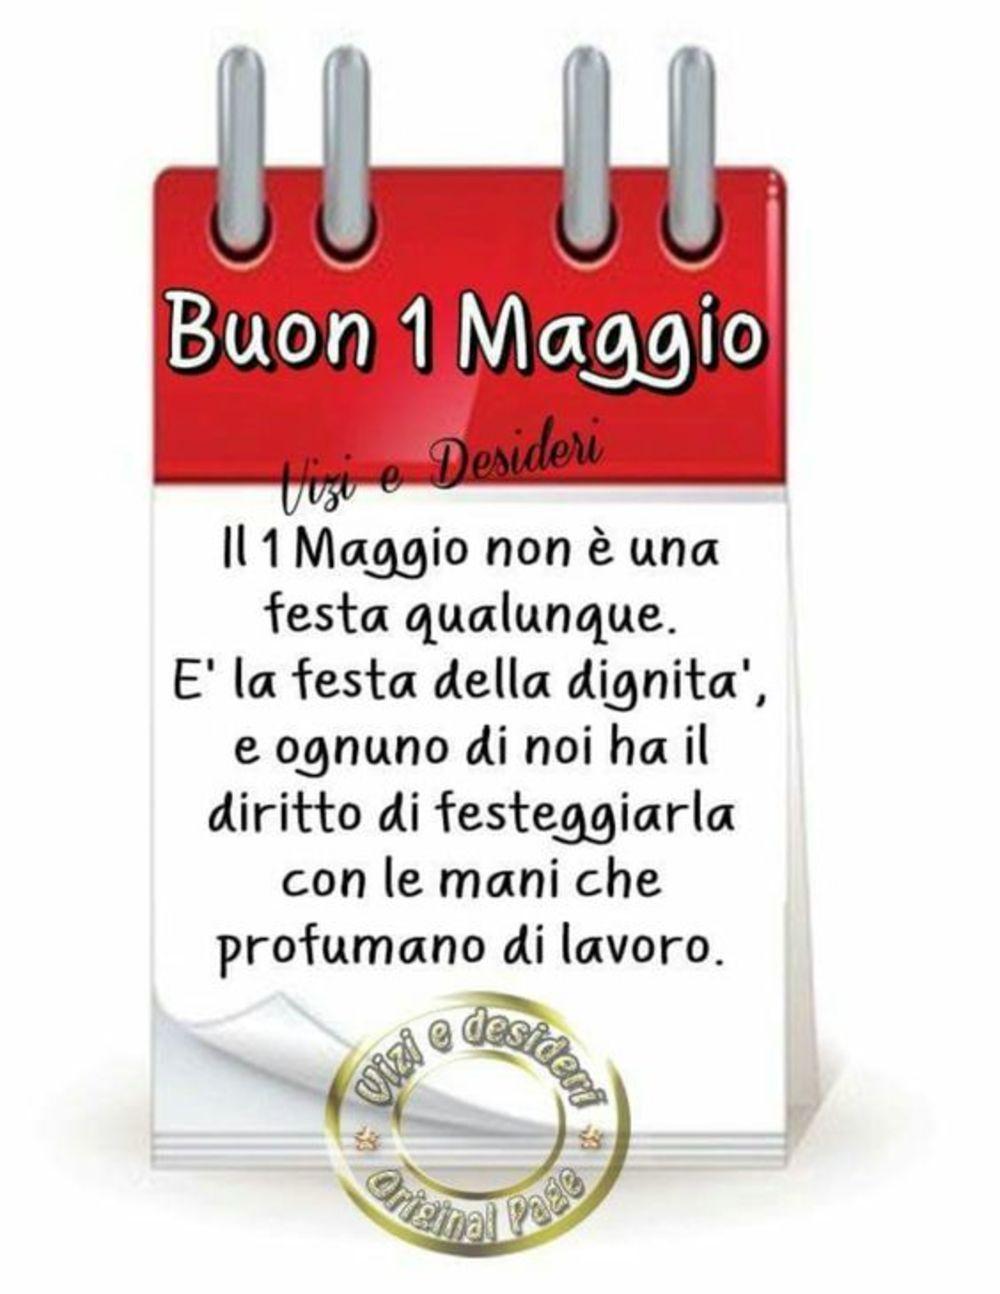 Buon 1 Maggio Facebook 1